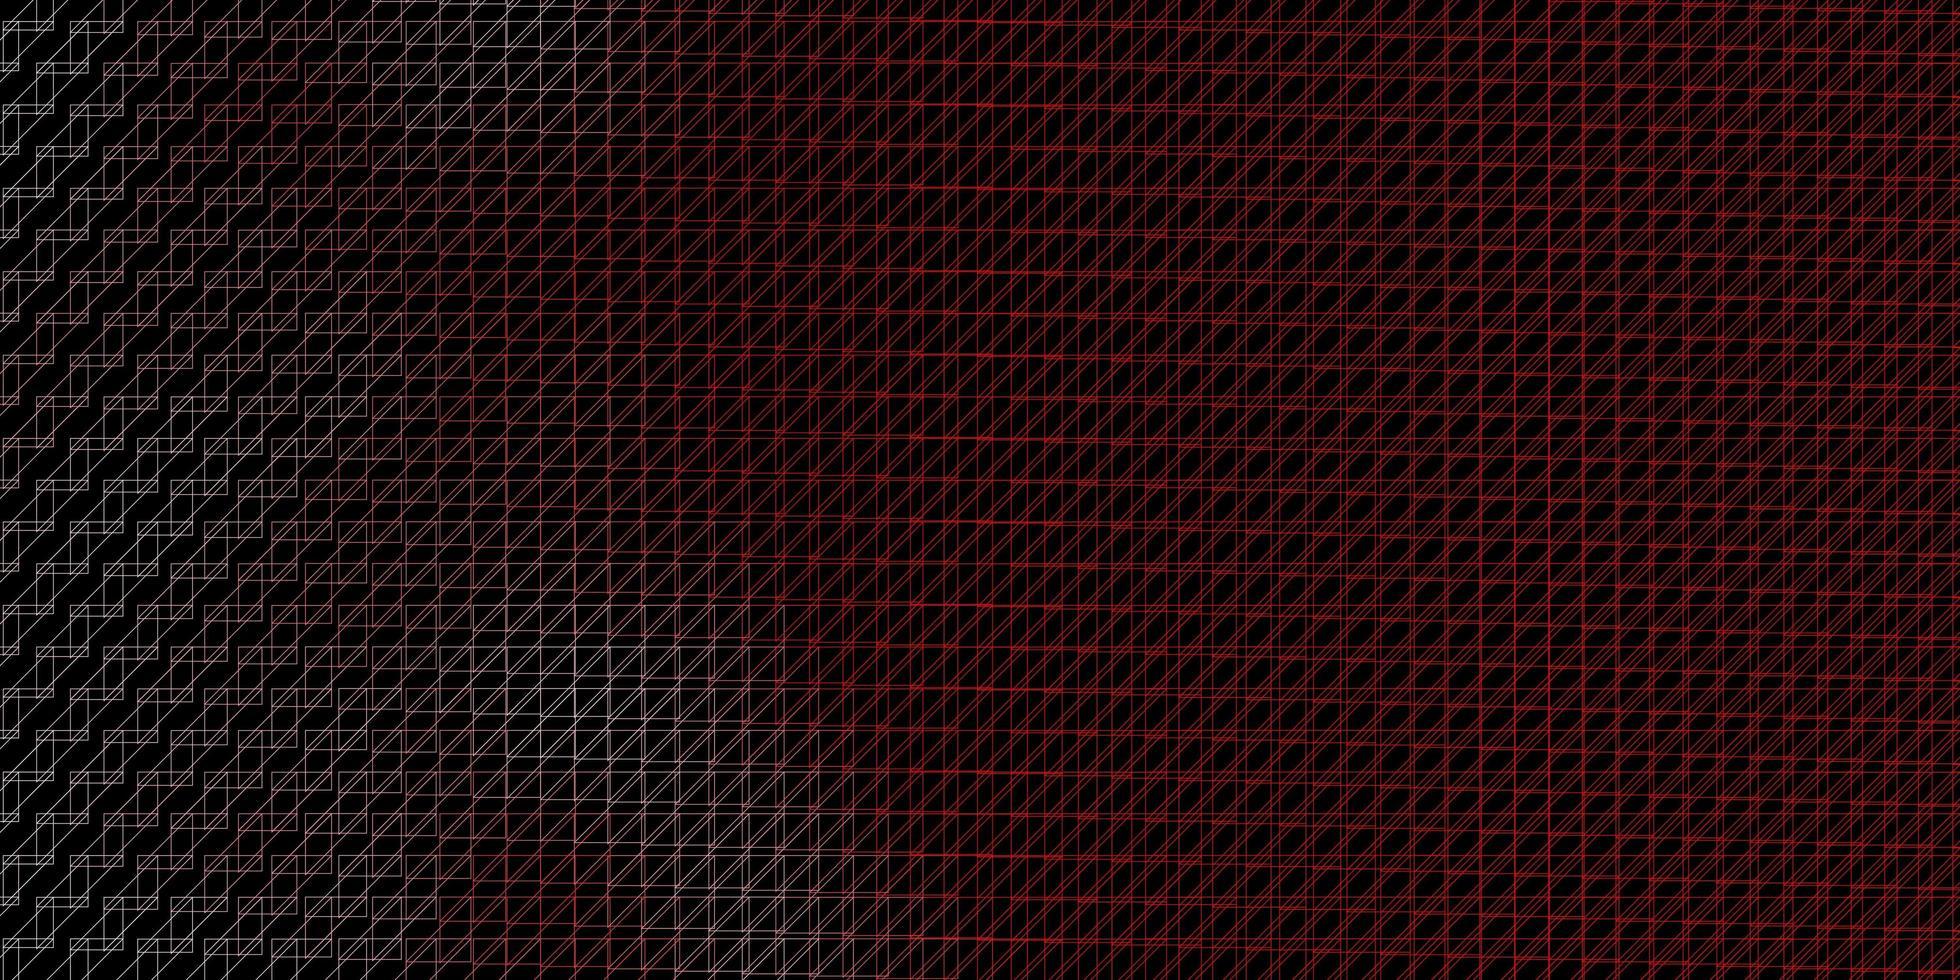 toile de fond rouge foncé avec des lignes plates. vecteur